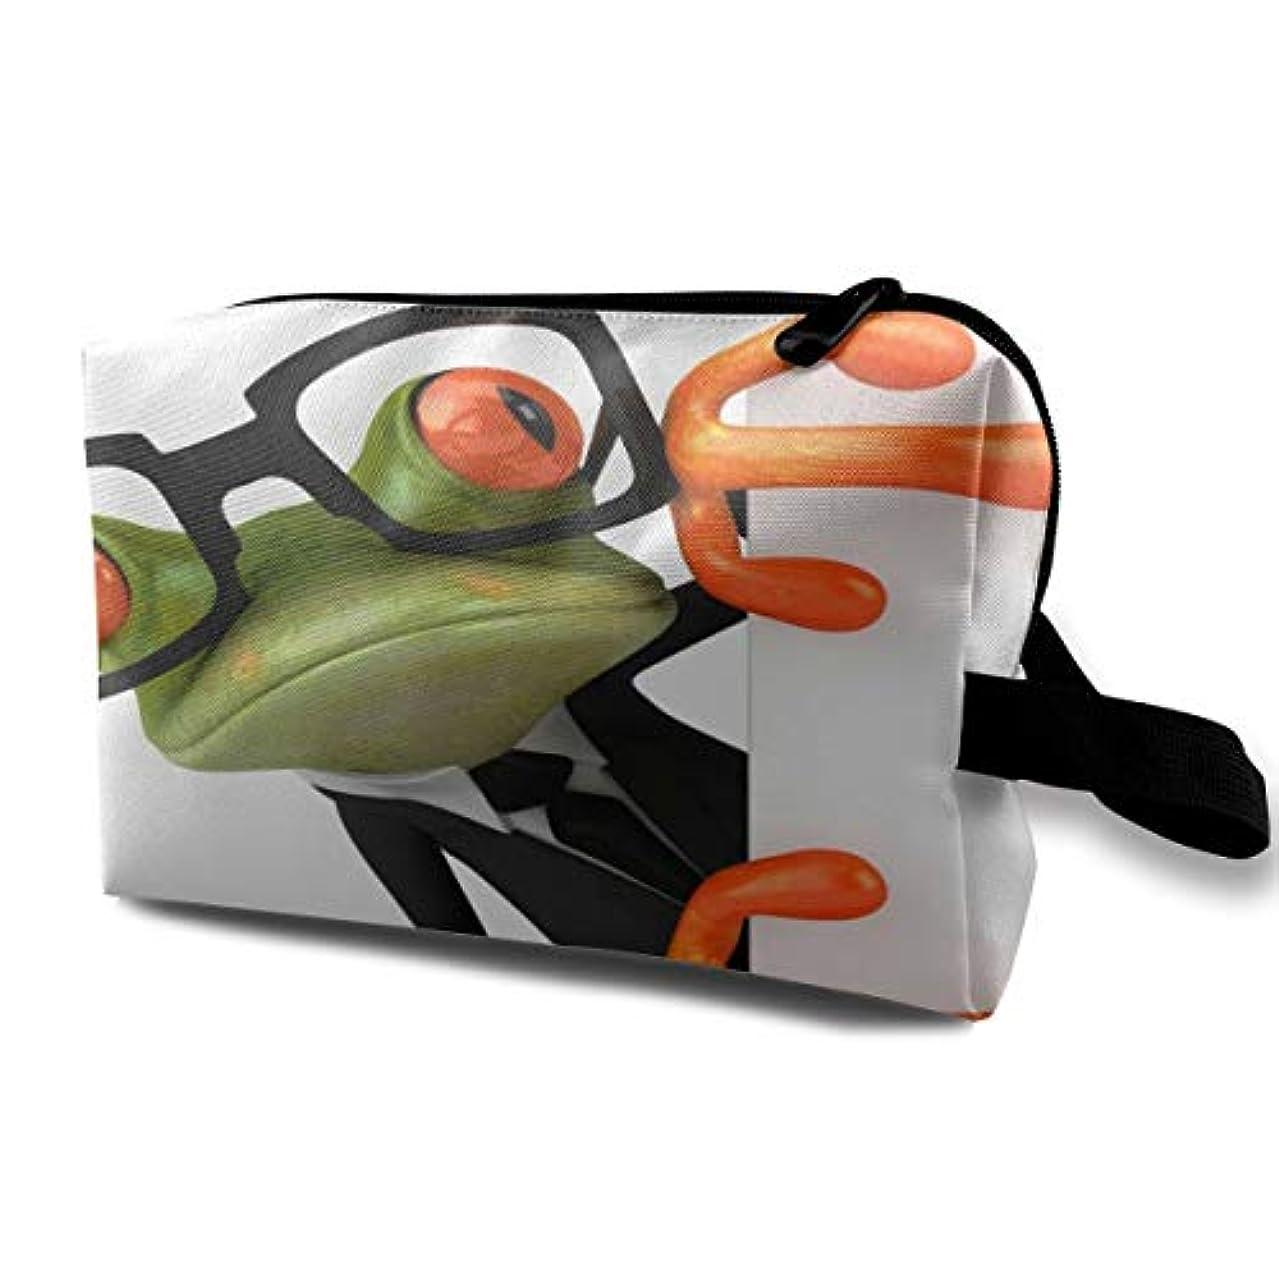 秋マガジン黒板High_Funny Cartoon Frog 収納ポーチ 化粧ポーチ 大容量 軽量 耐久性 ハンドル付持ち運び便利。入れ 自宅?出張?旅行?アウトドア撮影などに対応。メンズ レディース トラベルグッズ